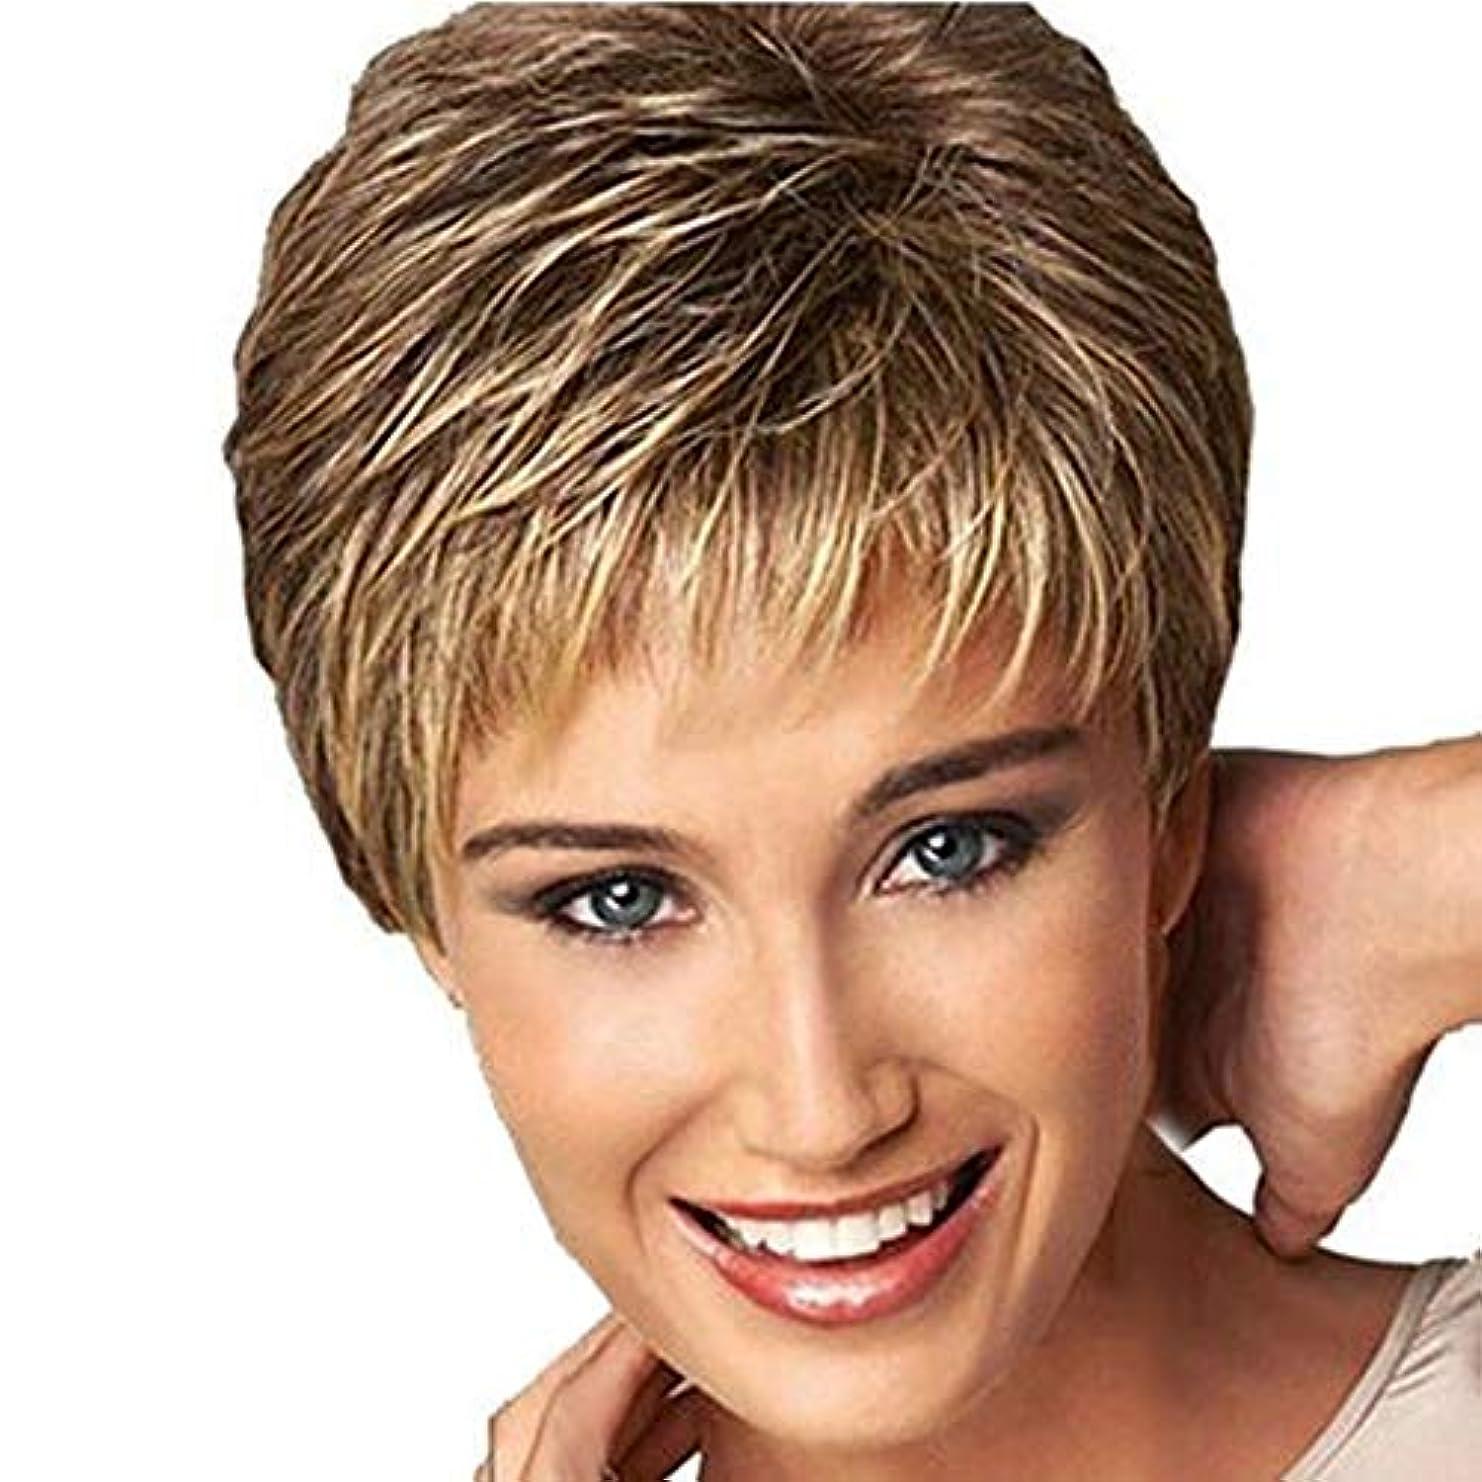 WTYD 美容ヘアツール 3ピースヘアケアかつらスタンド耐熱繊維かつら短い散髪カーリーカラーグラデーションかつらファッション